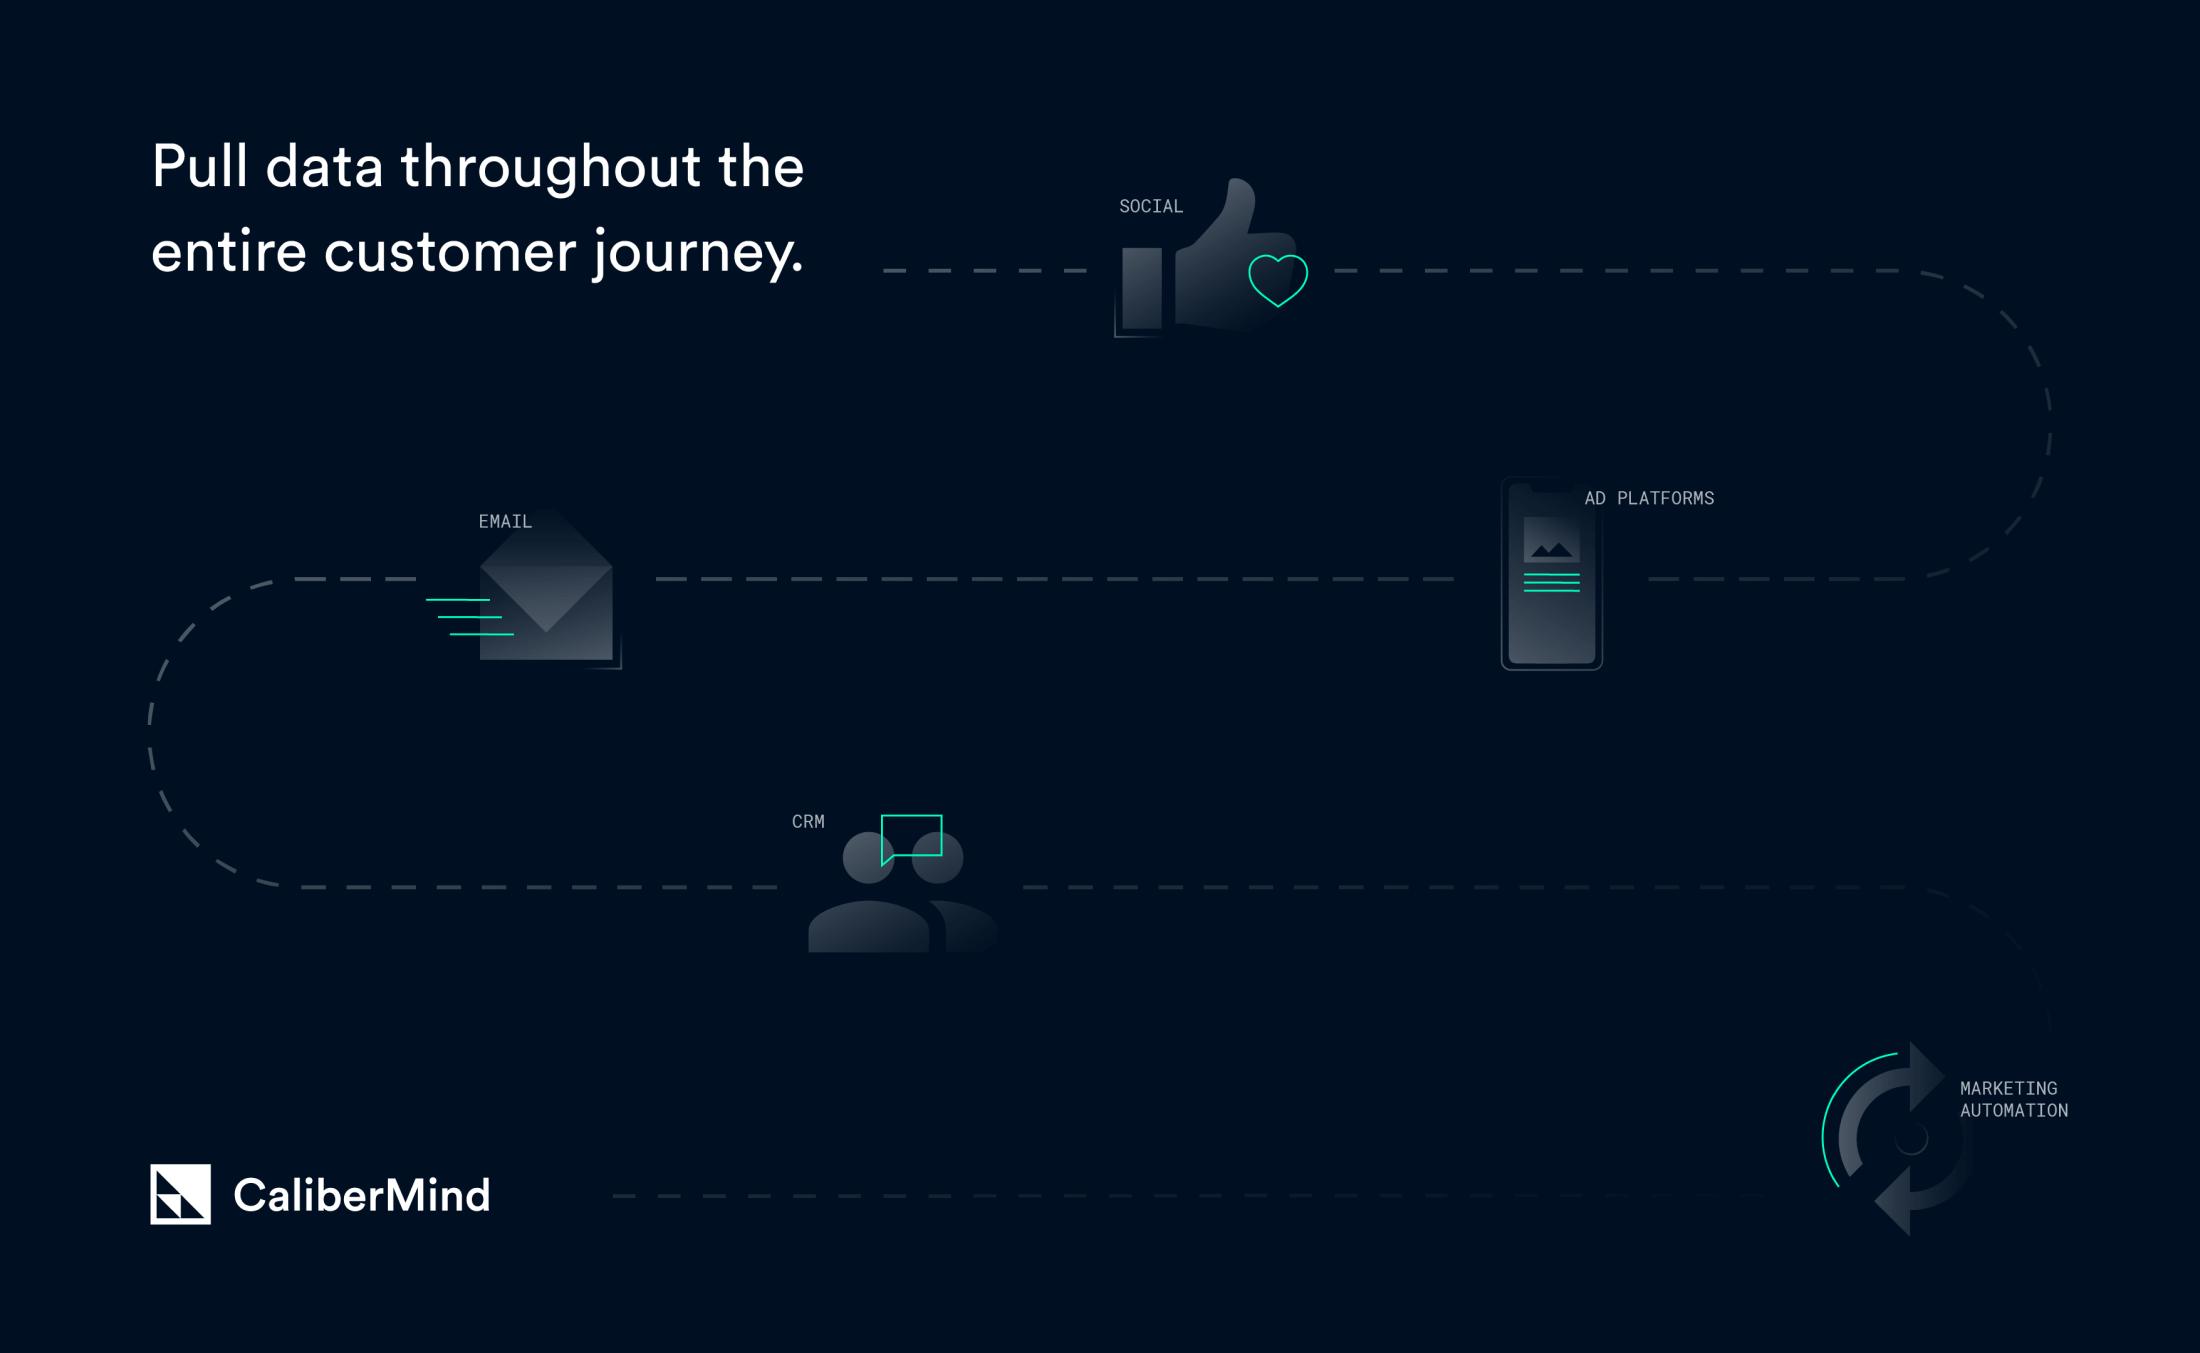 CaliberMind illustration explaining key product features.